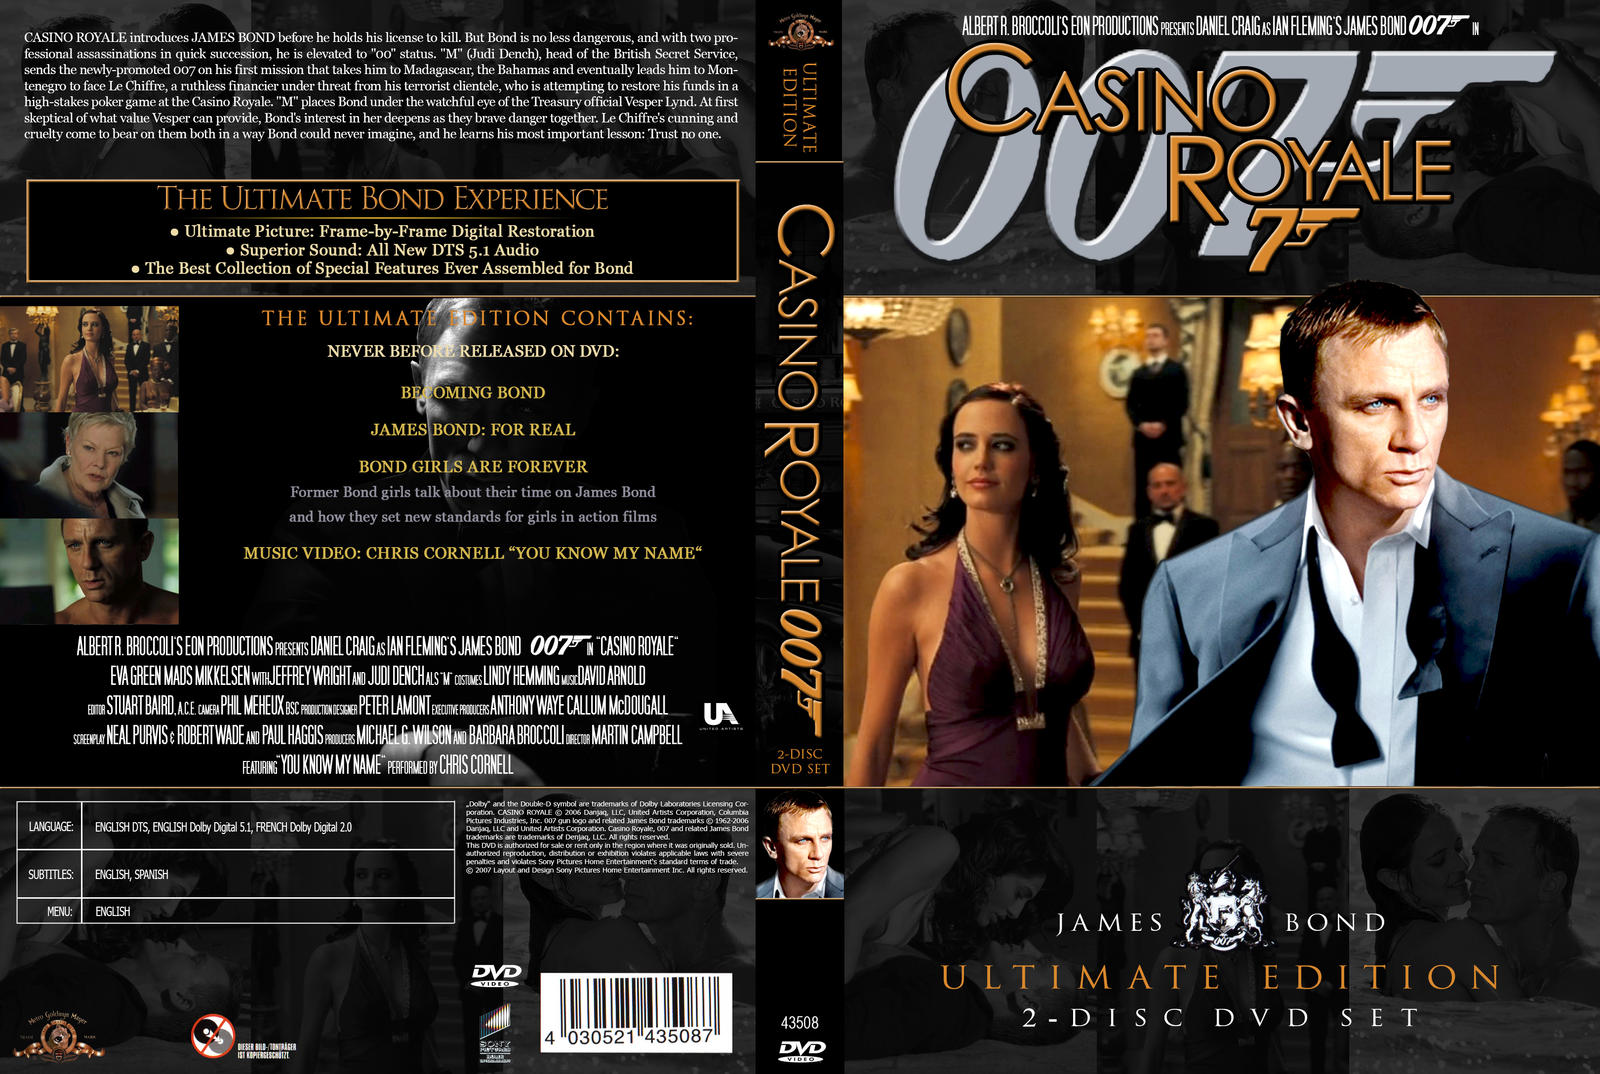 james bond casino royale dvd cover